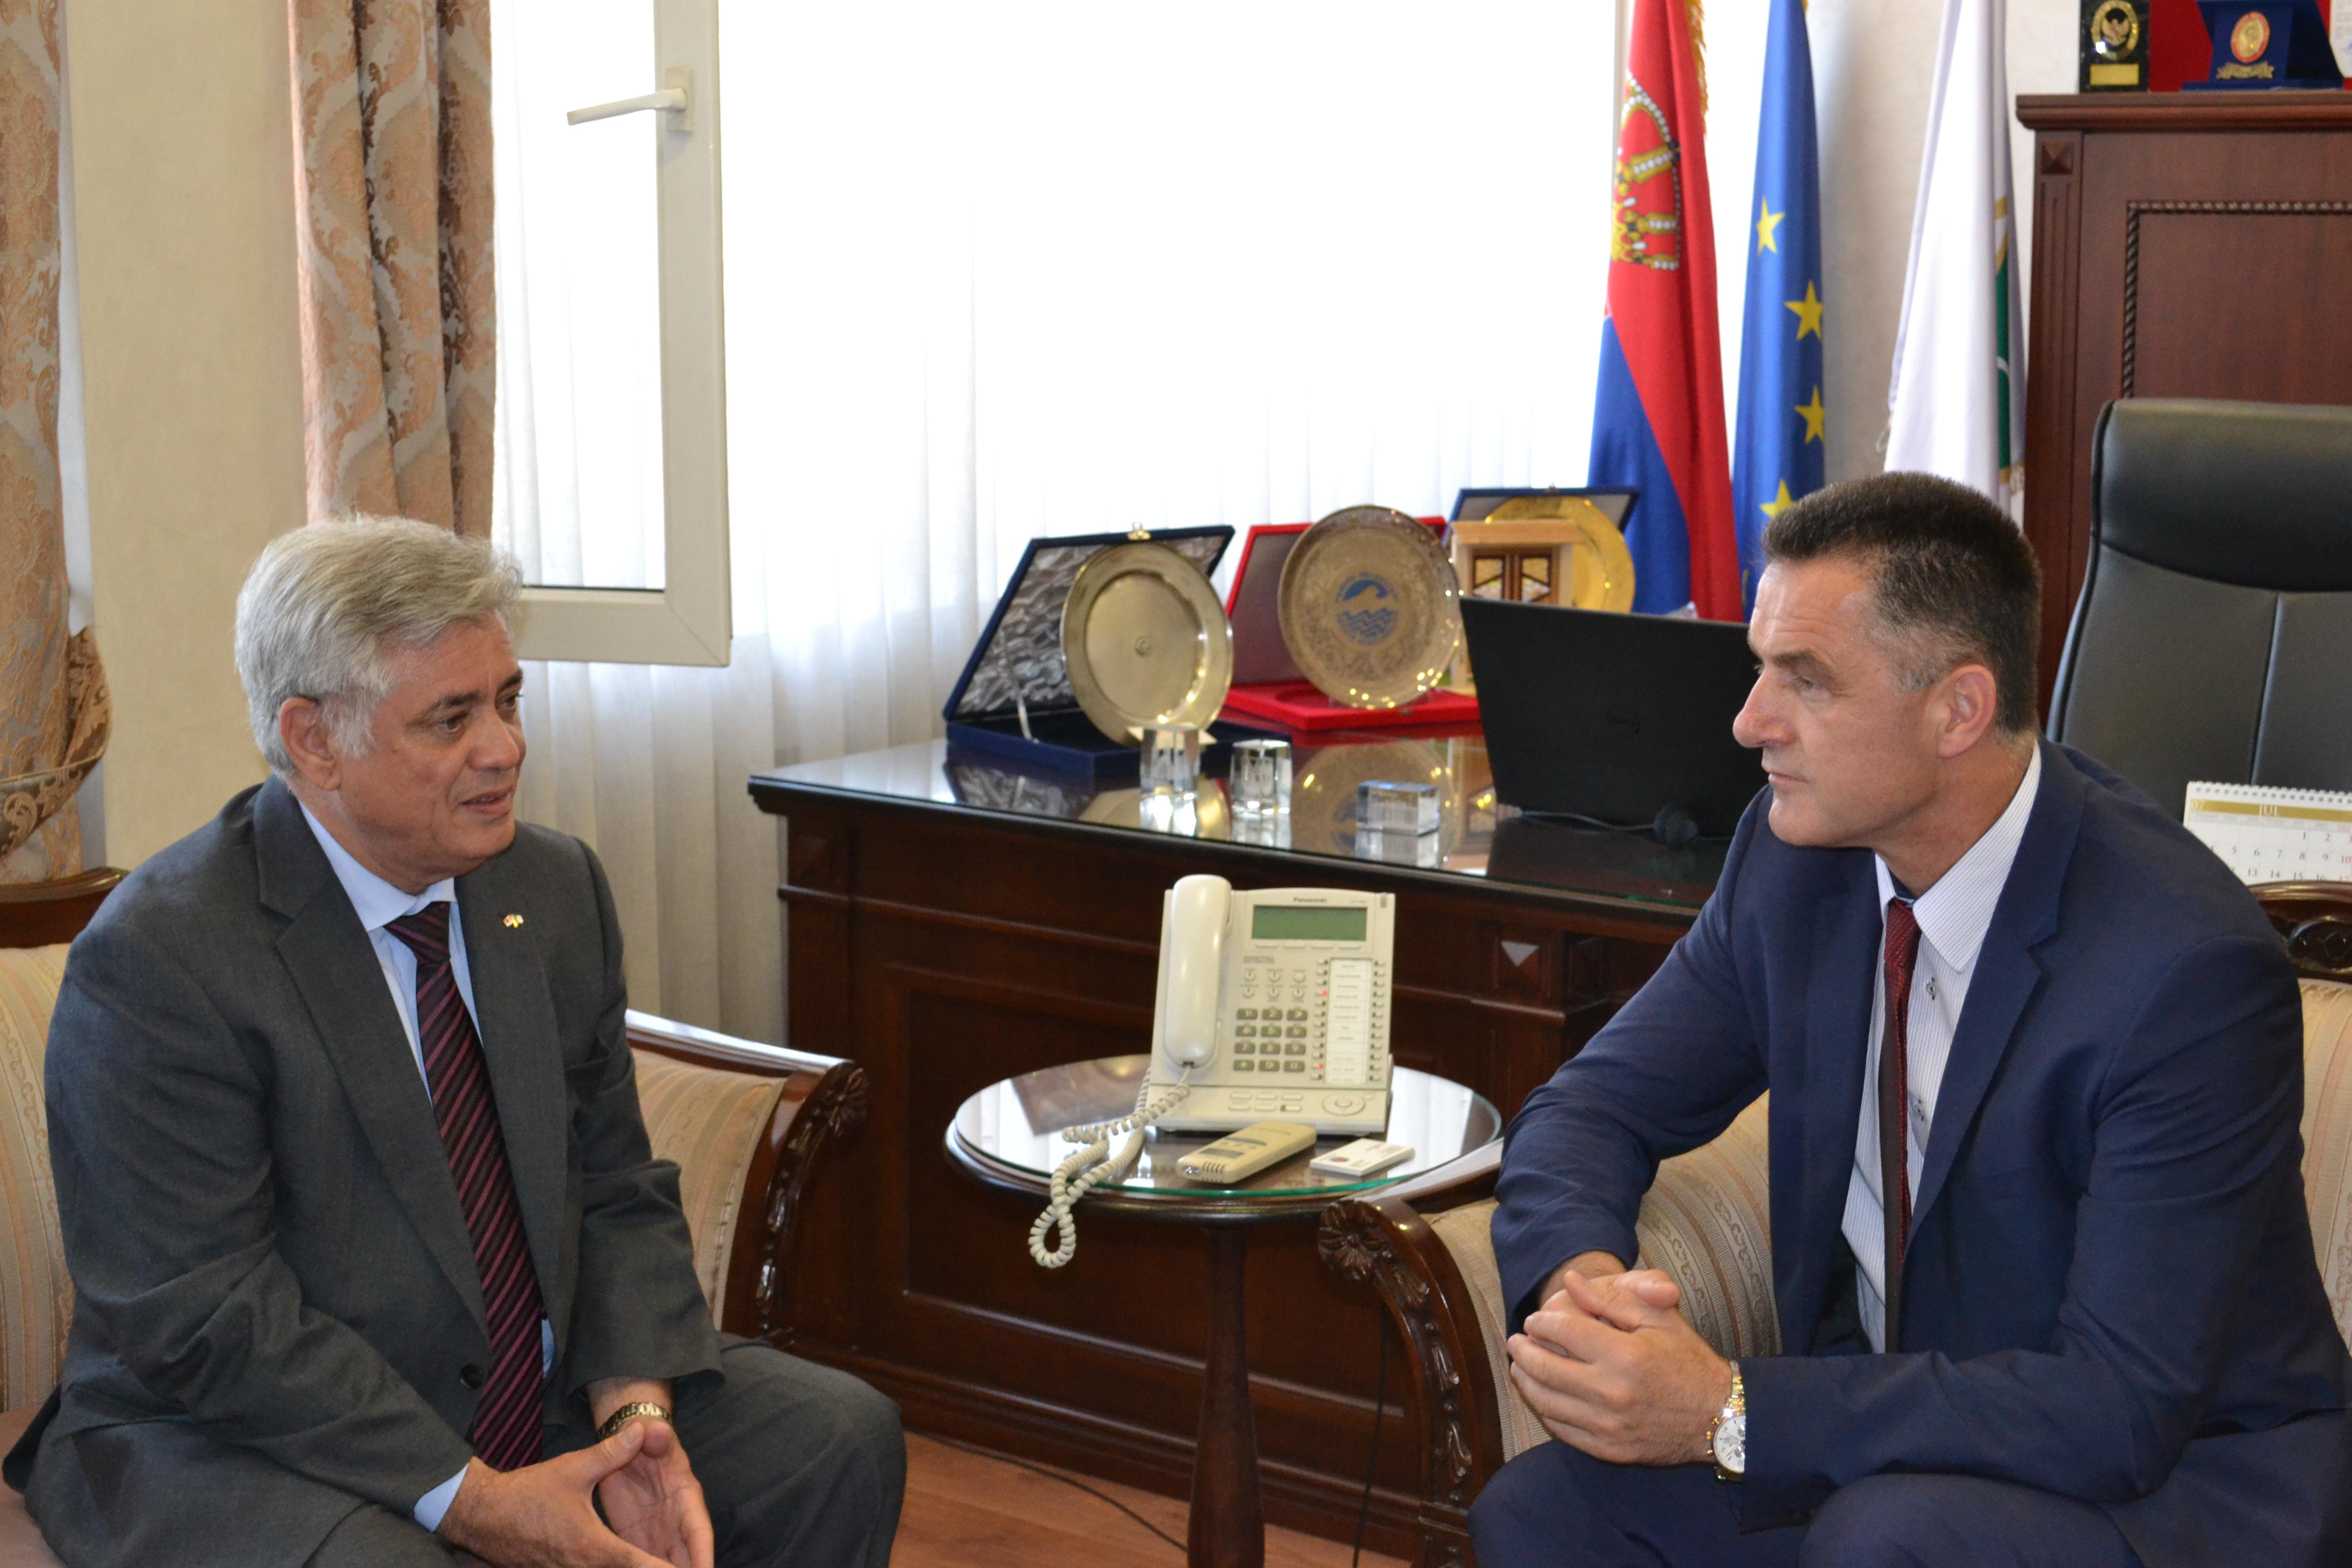 L'Ambassadeur d'Algérie rencontre le maire de Novi Pazar